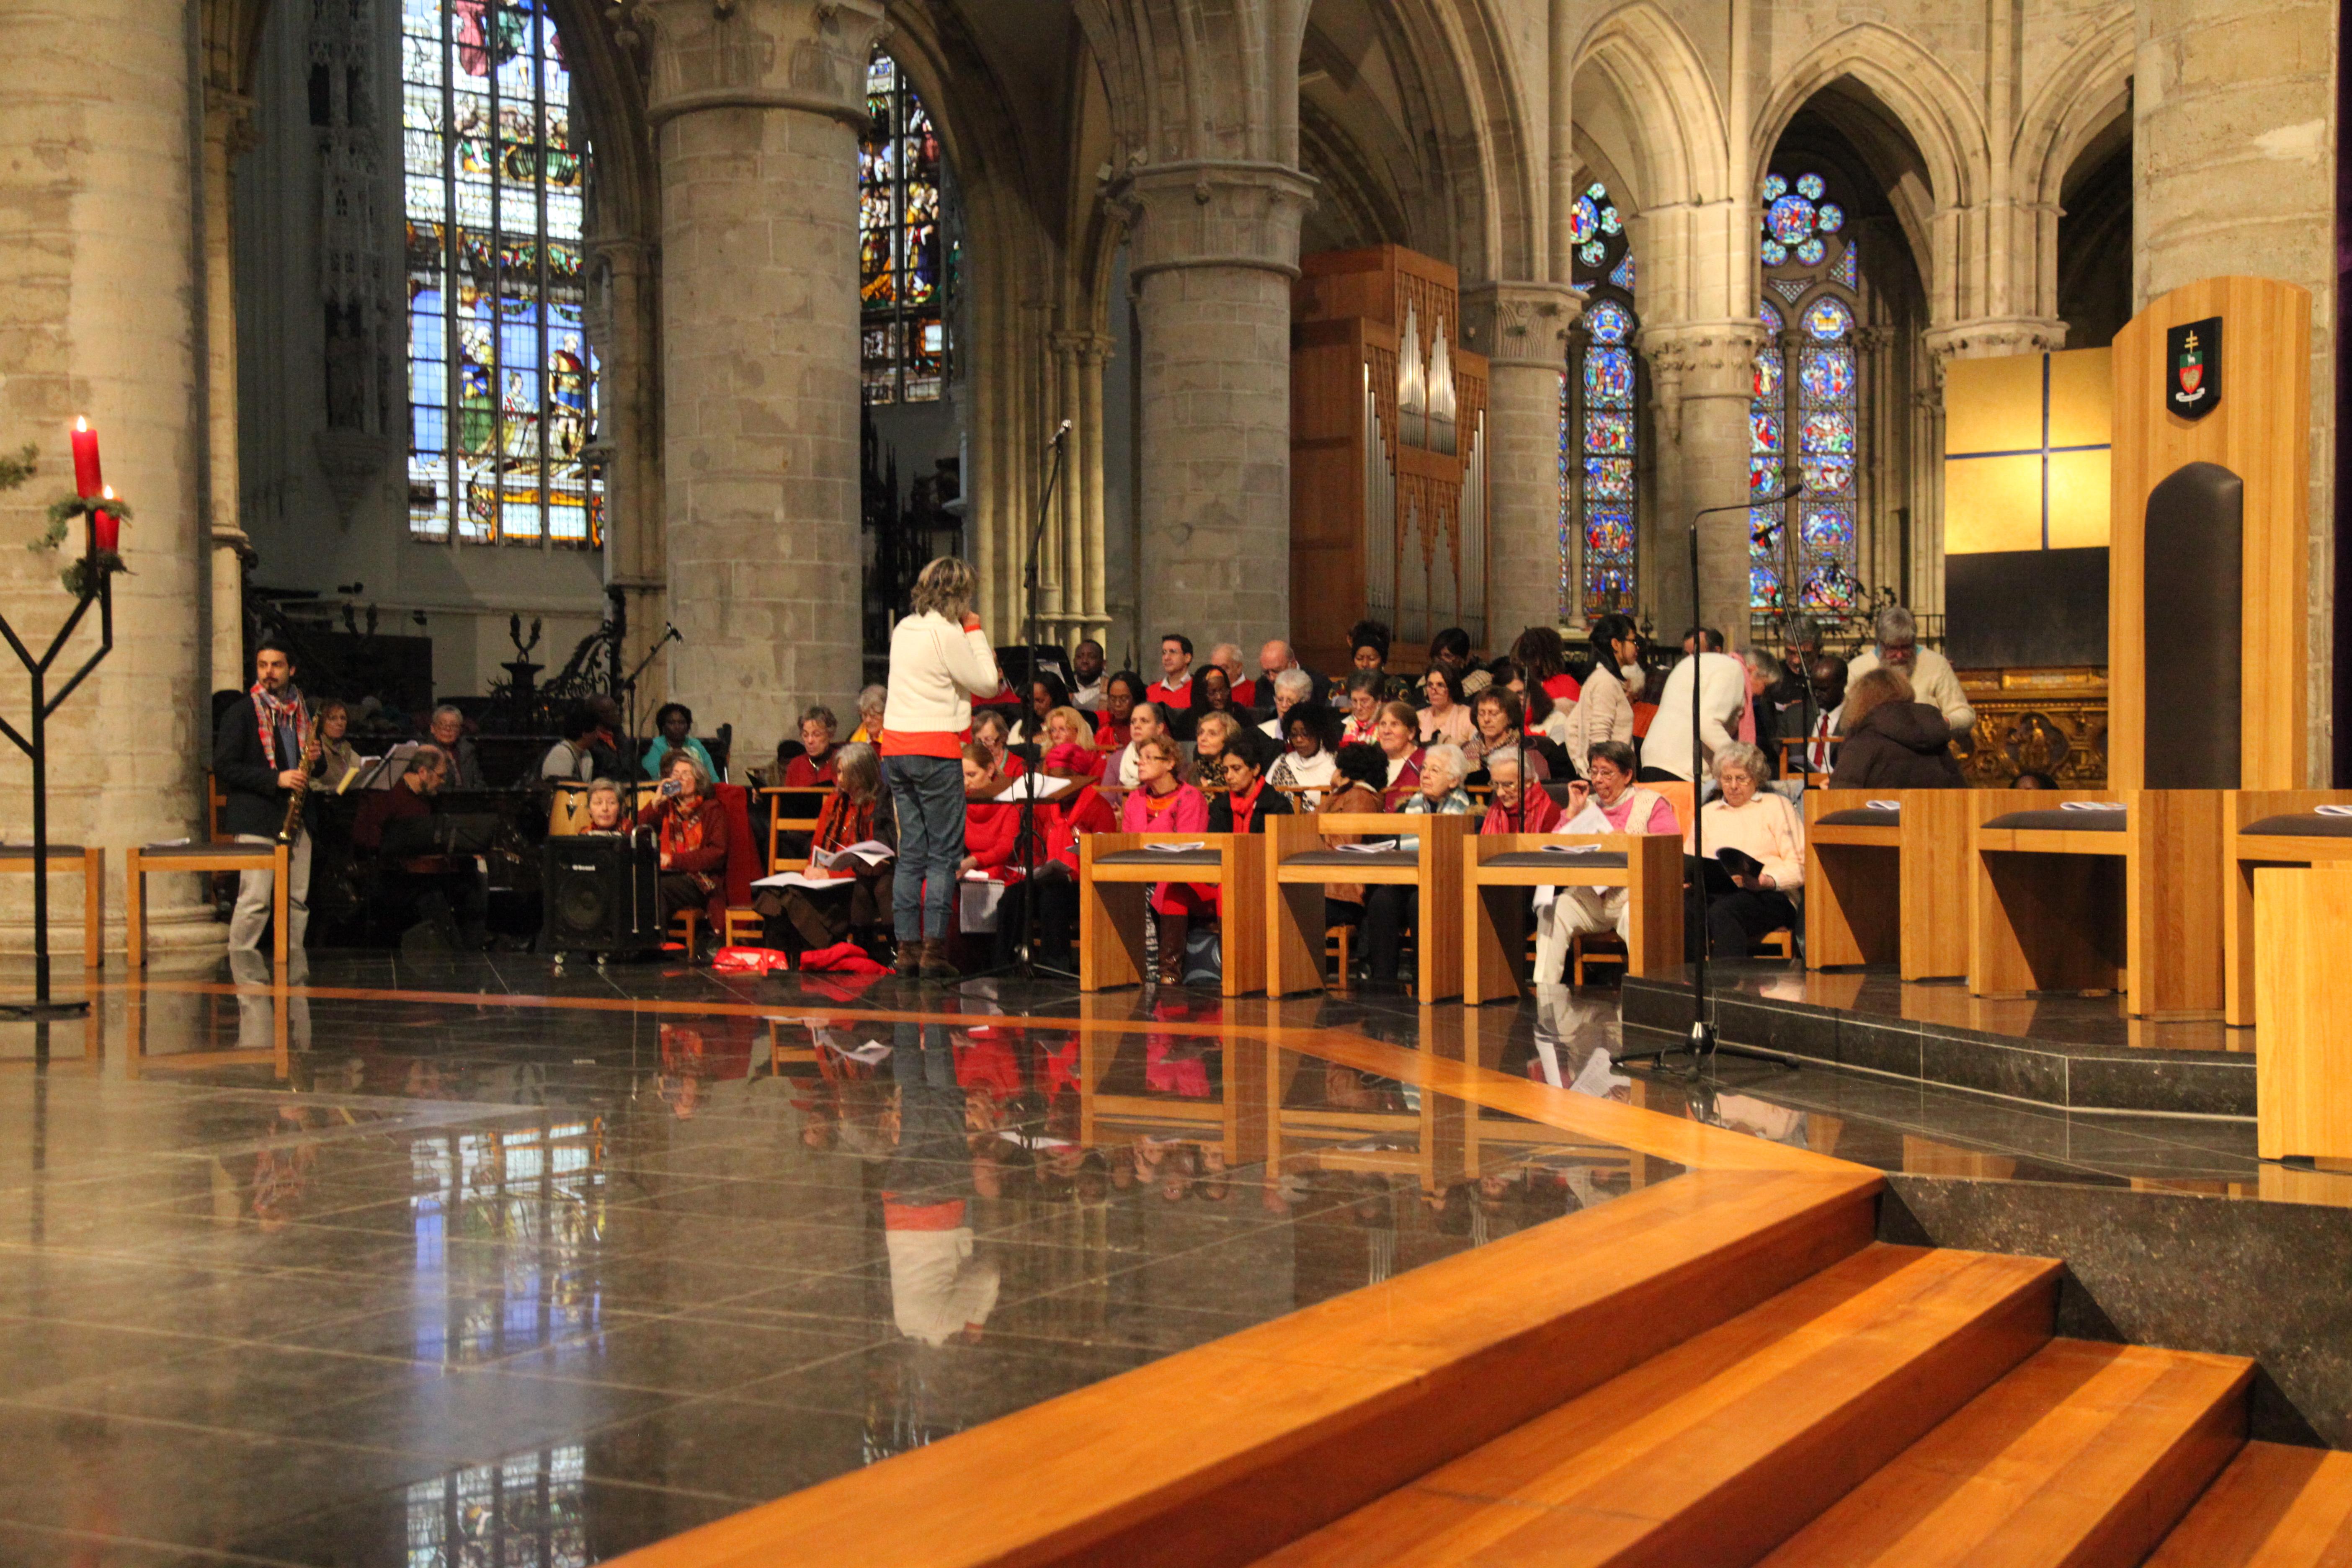 13/12/15: Ouverture de la porte (cathédrale Sts Michel et Gudule)